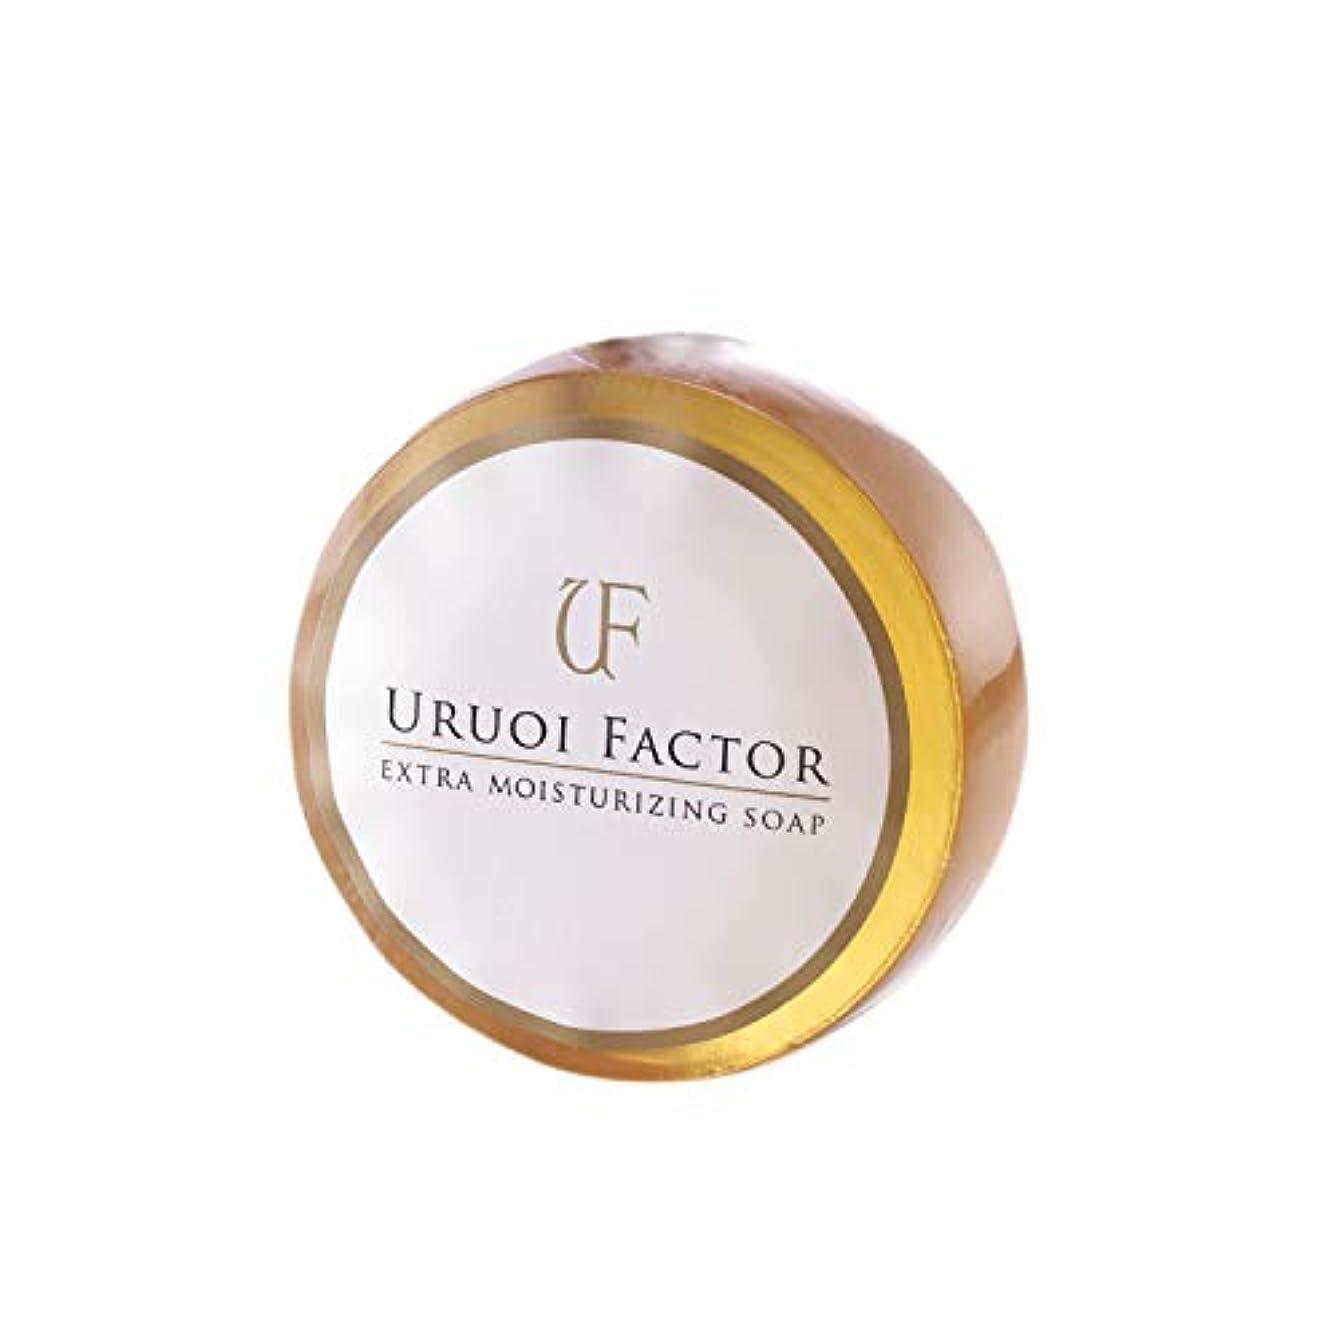 電信好色な空URUOI FACTOR 洗顔石鹸 日本製 100g エイジング 保湿 角質ケア スクワラン ハチミツ ビタミンC配合